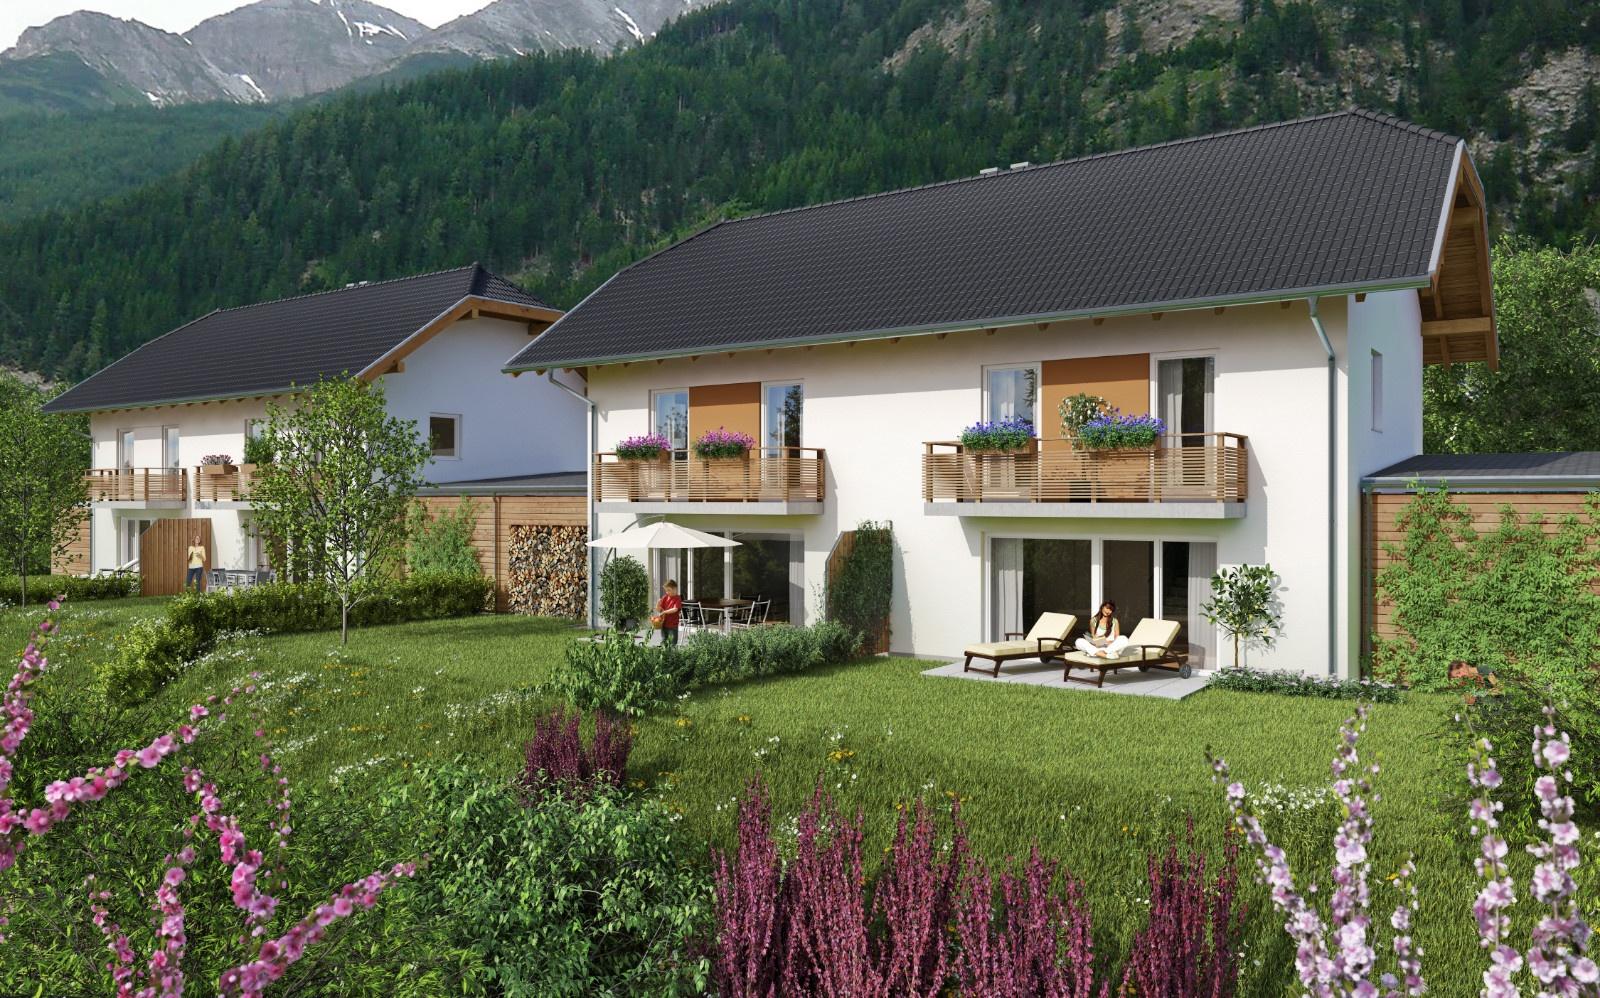 Haus, Zederhaus 177, 5584, Zederhaus, Salzburg